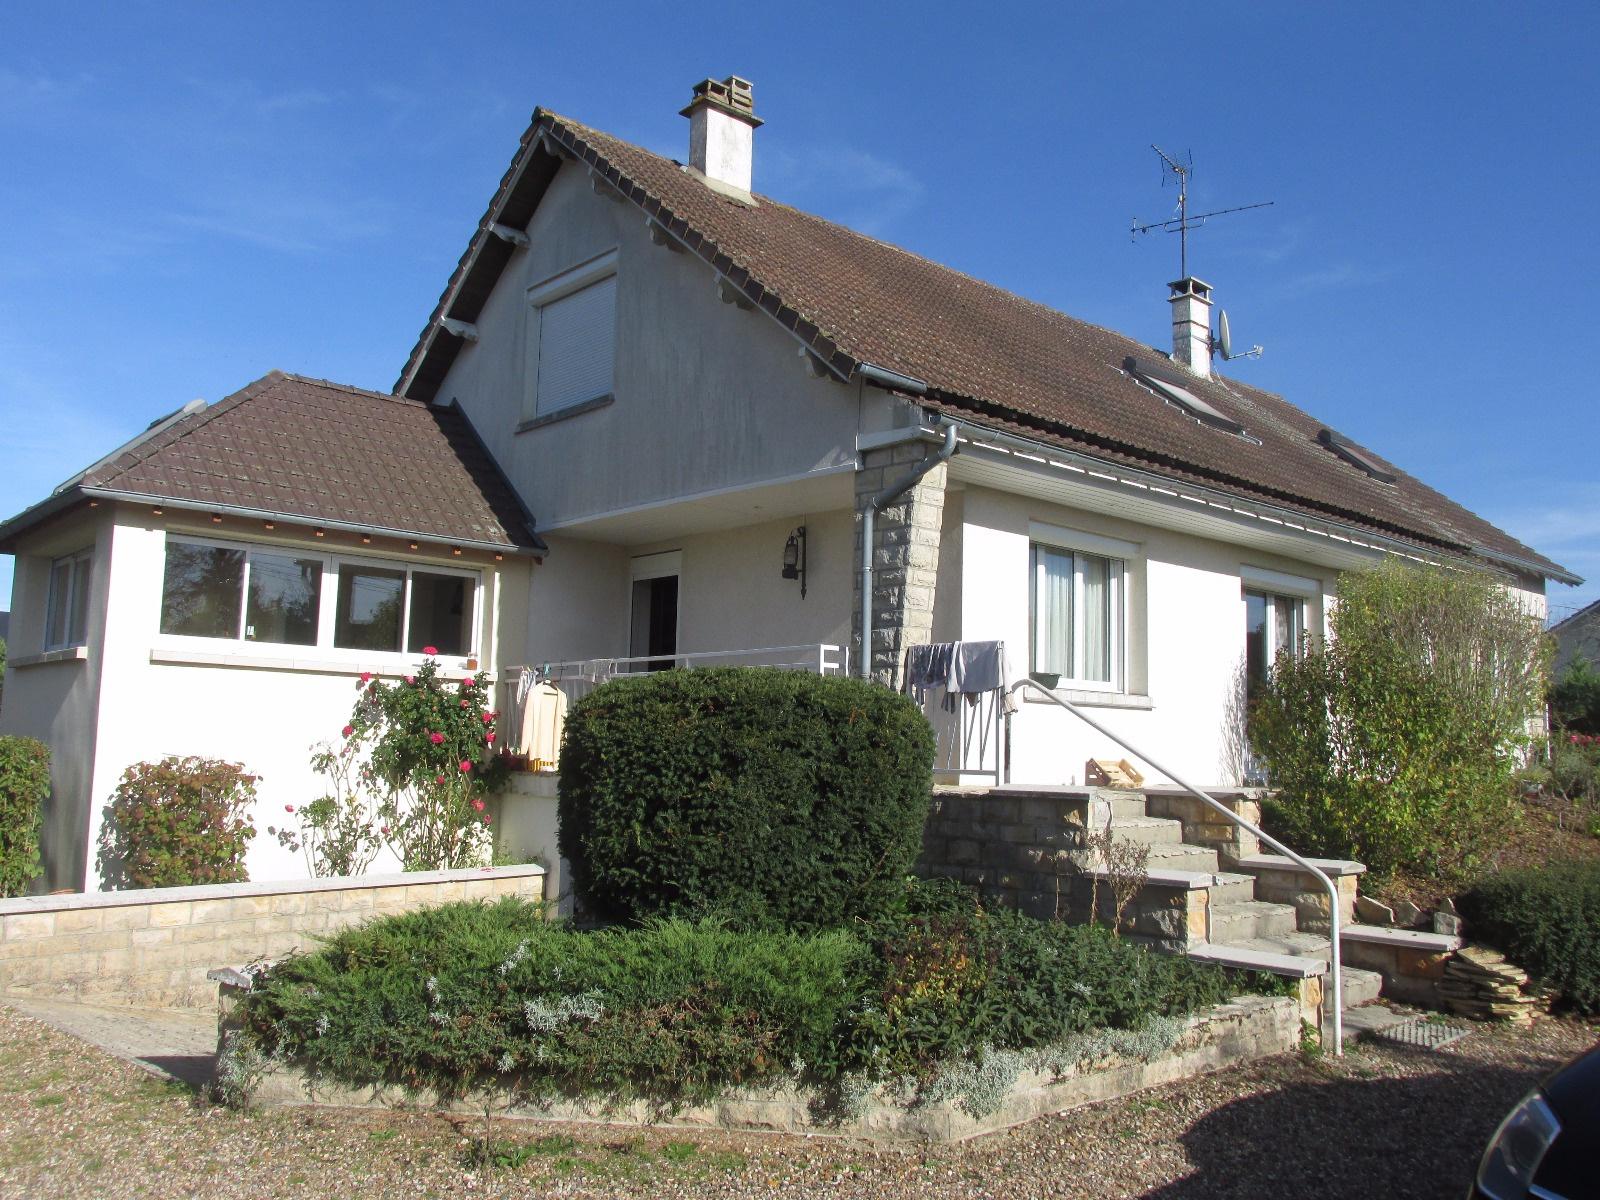 annonce vente maison ch 226 lette sur loing 45120 187 m 178 198 740 992739414712